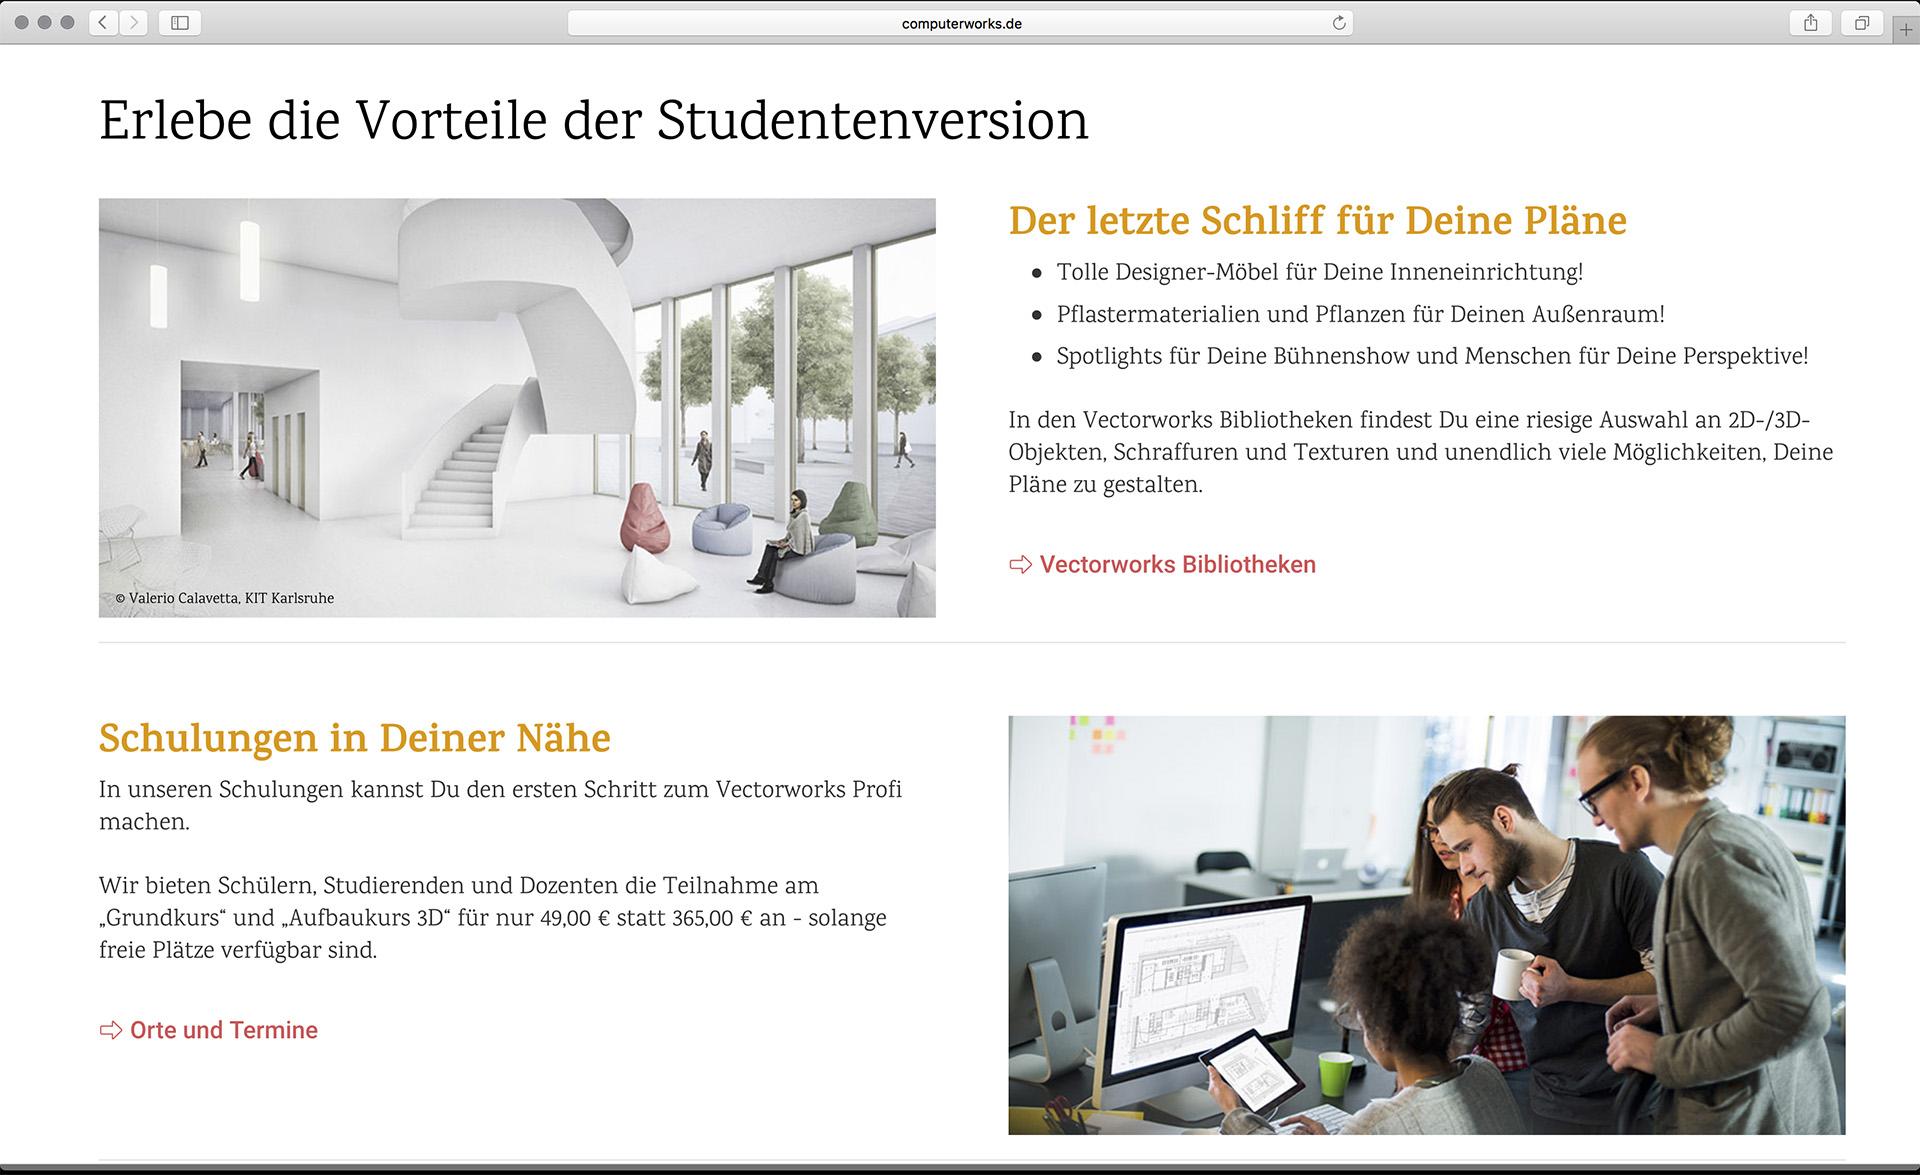 Visualisierungen auf www.computerworks.de